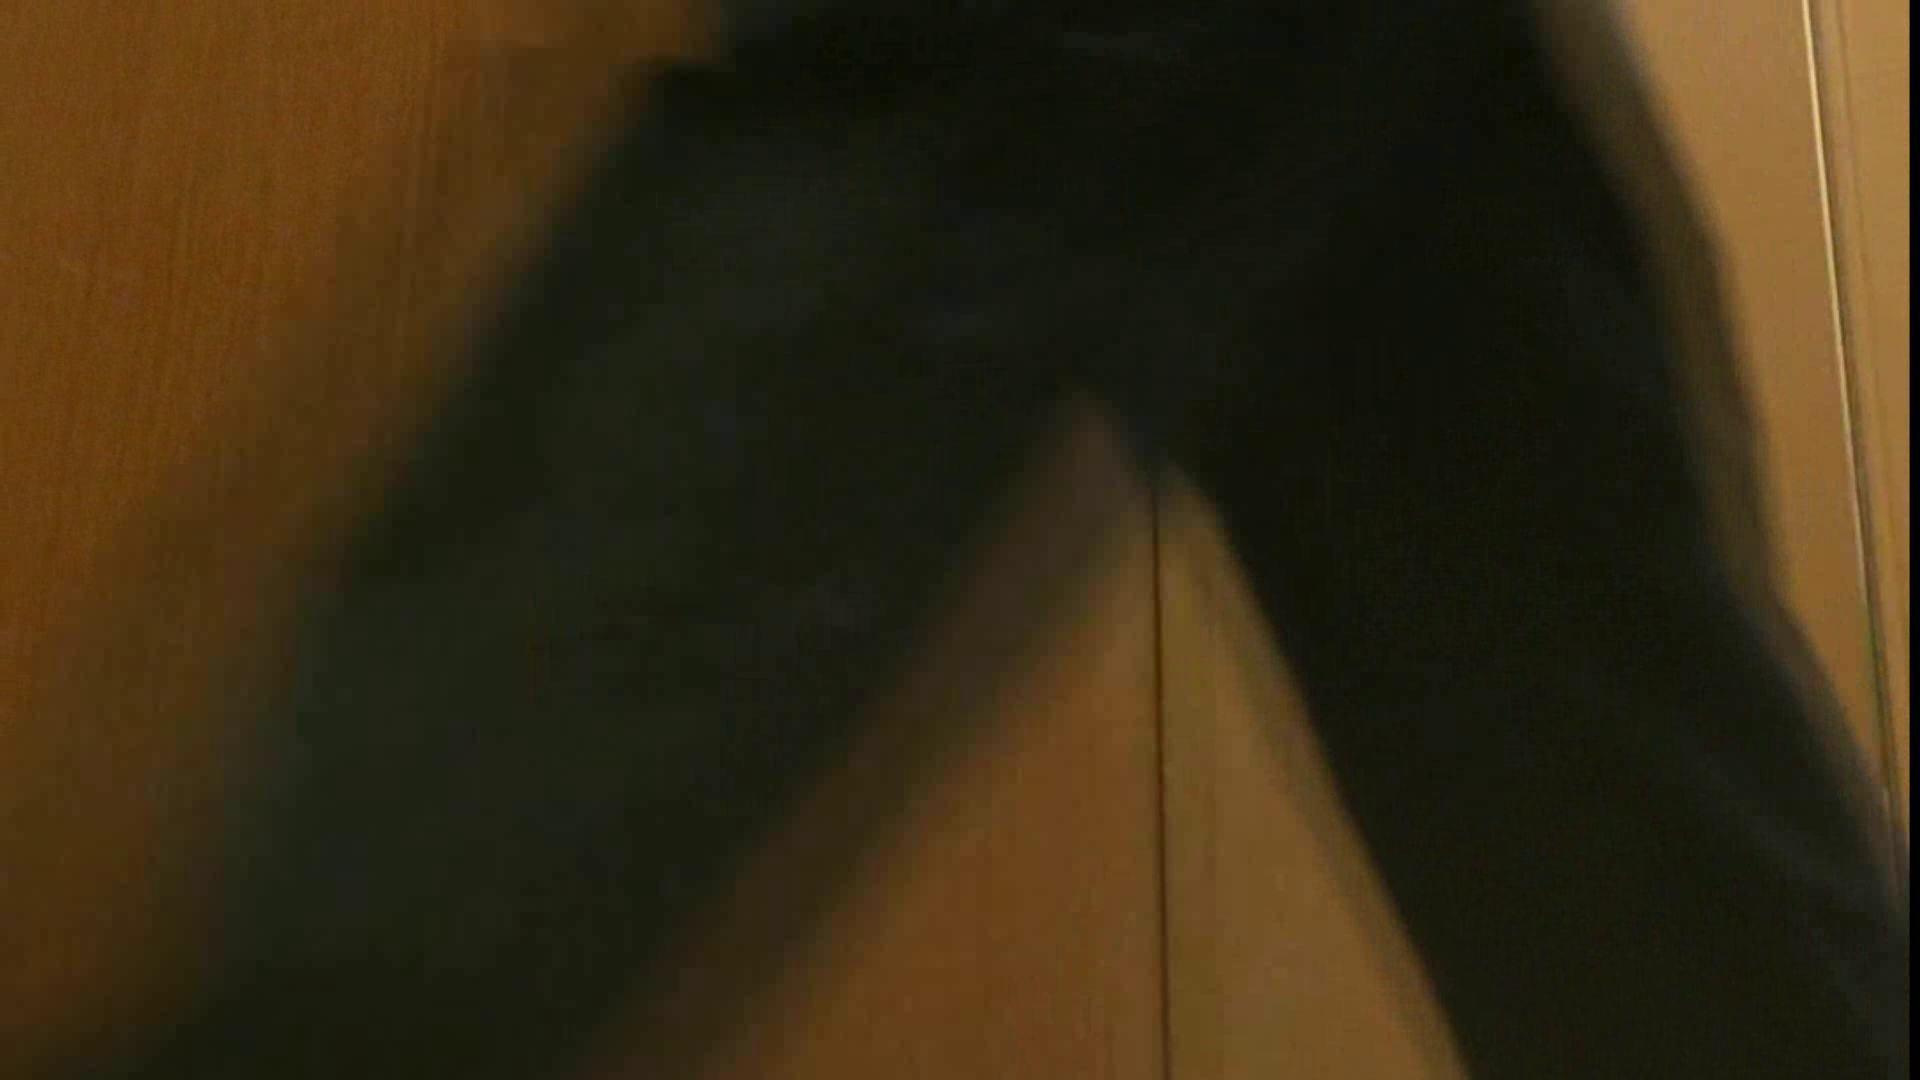 「噂」の国の厠観察日記2 Vol.14 OLセックス   人気シリーズ  61画像 61